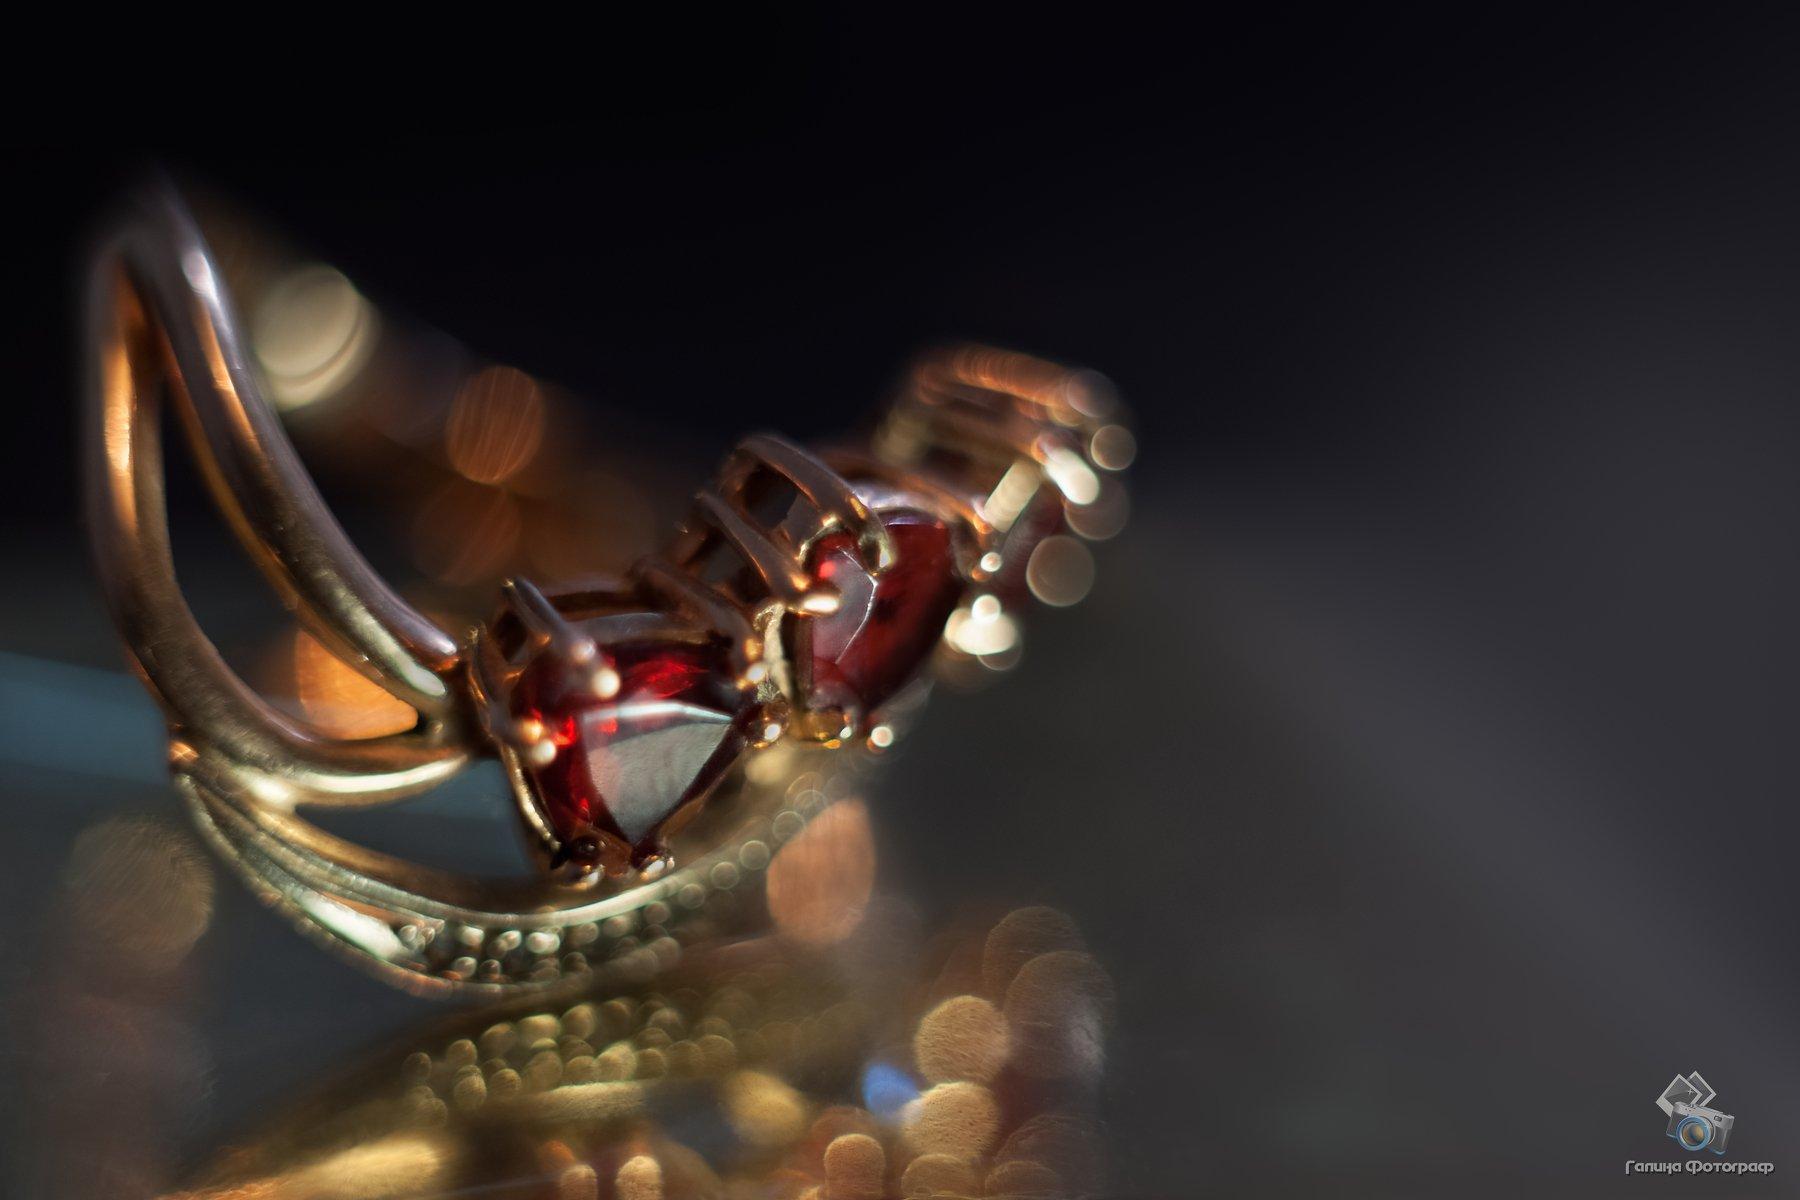 кольцо, юверирное изделие, золото, камни, рубины, украшение,, Галя